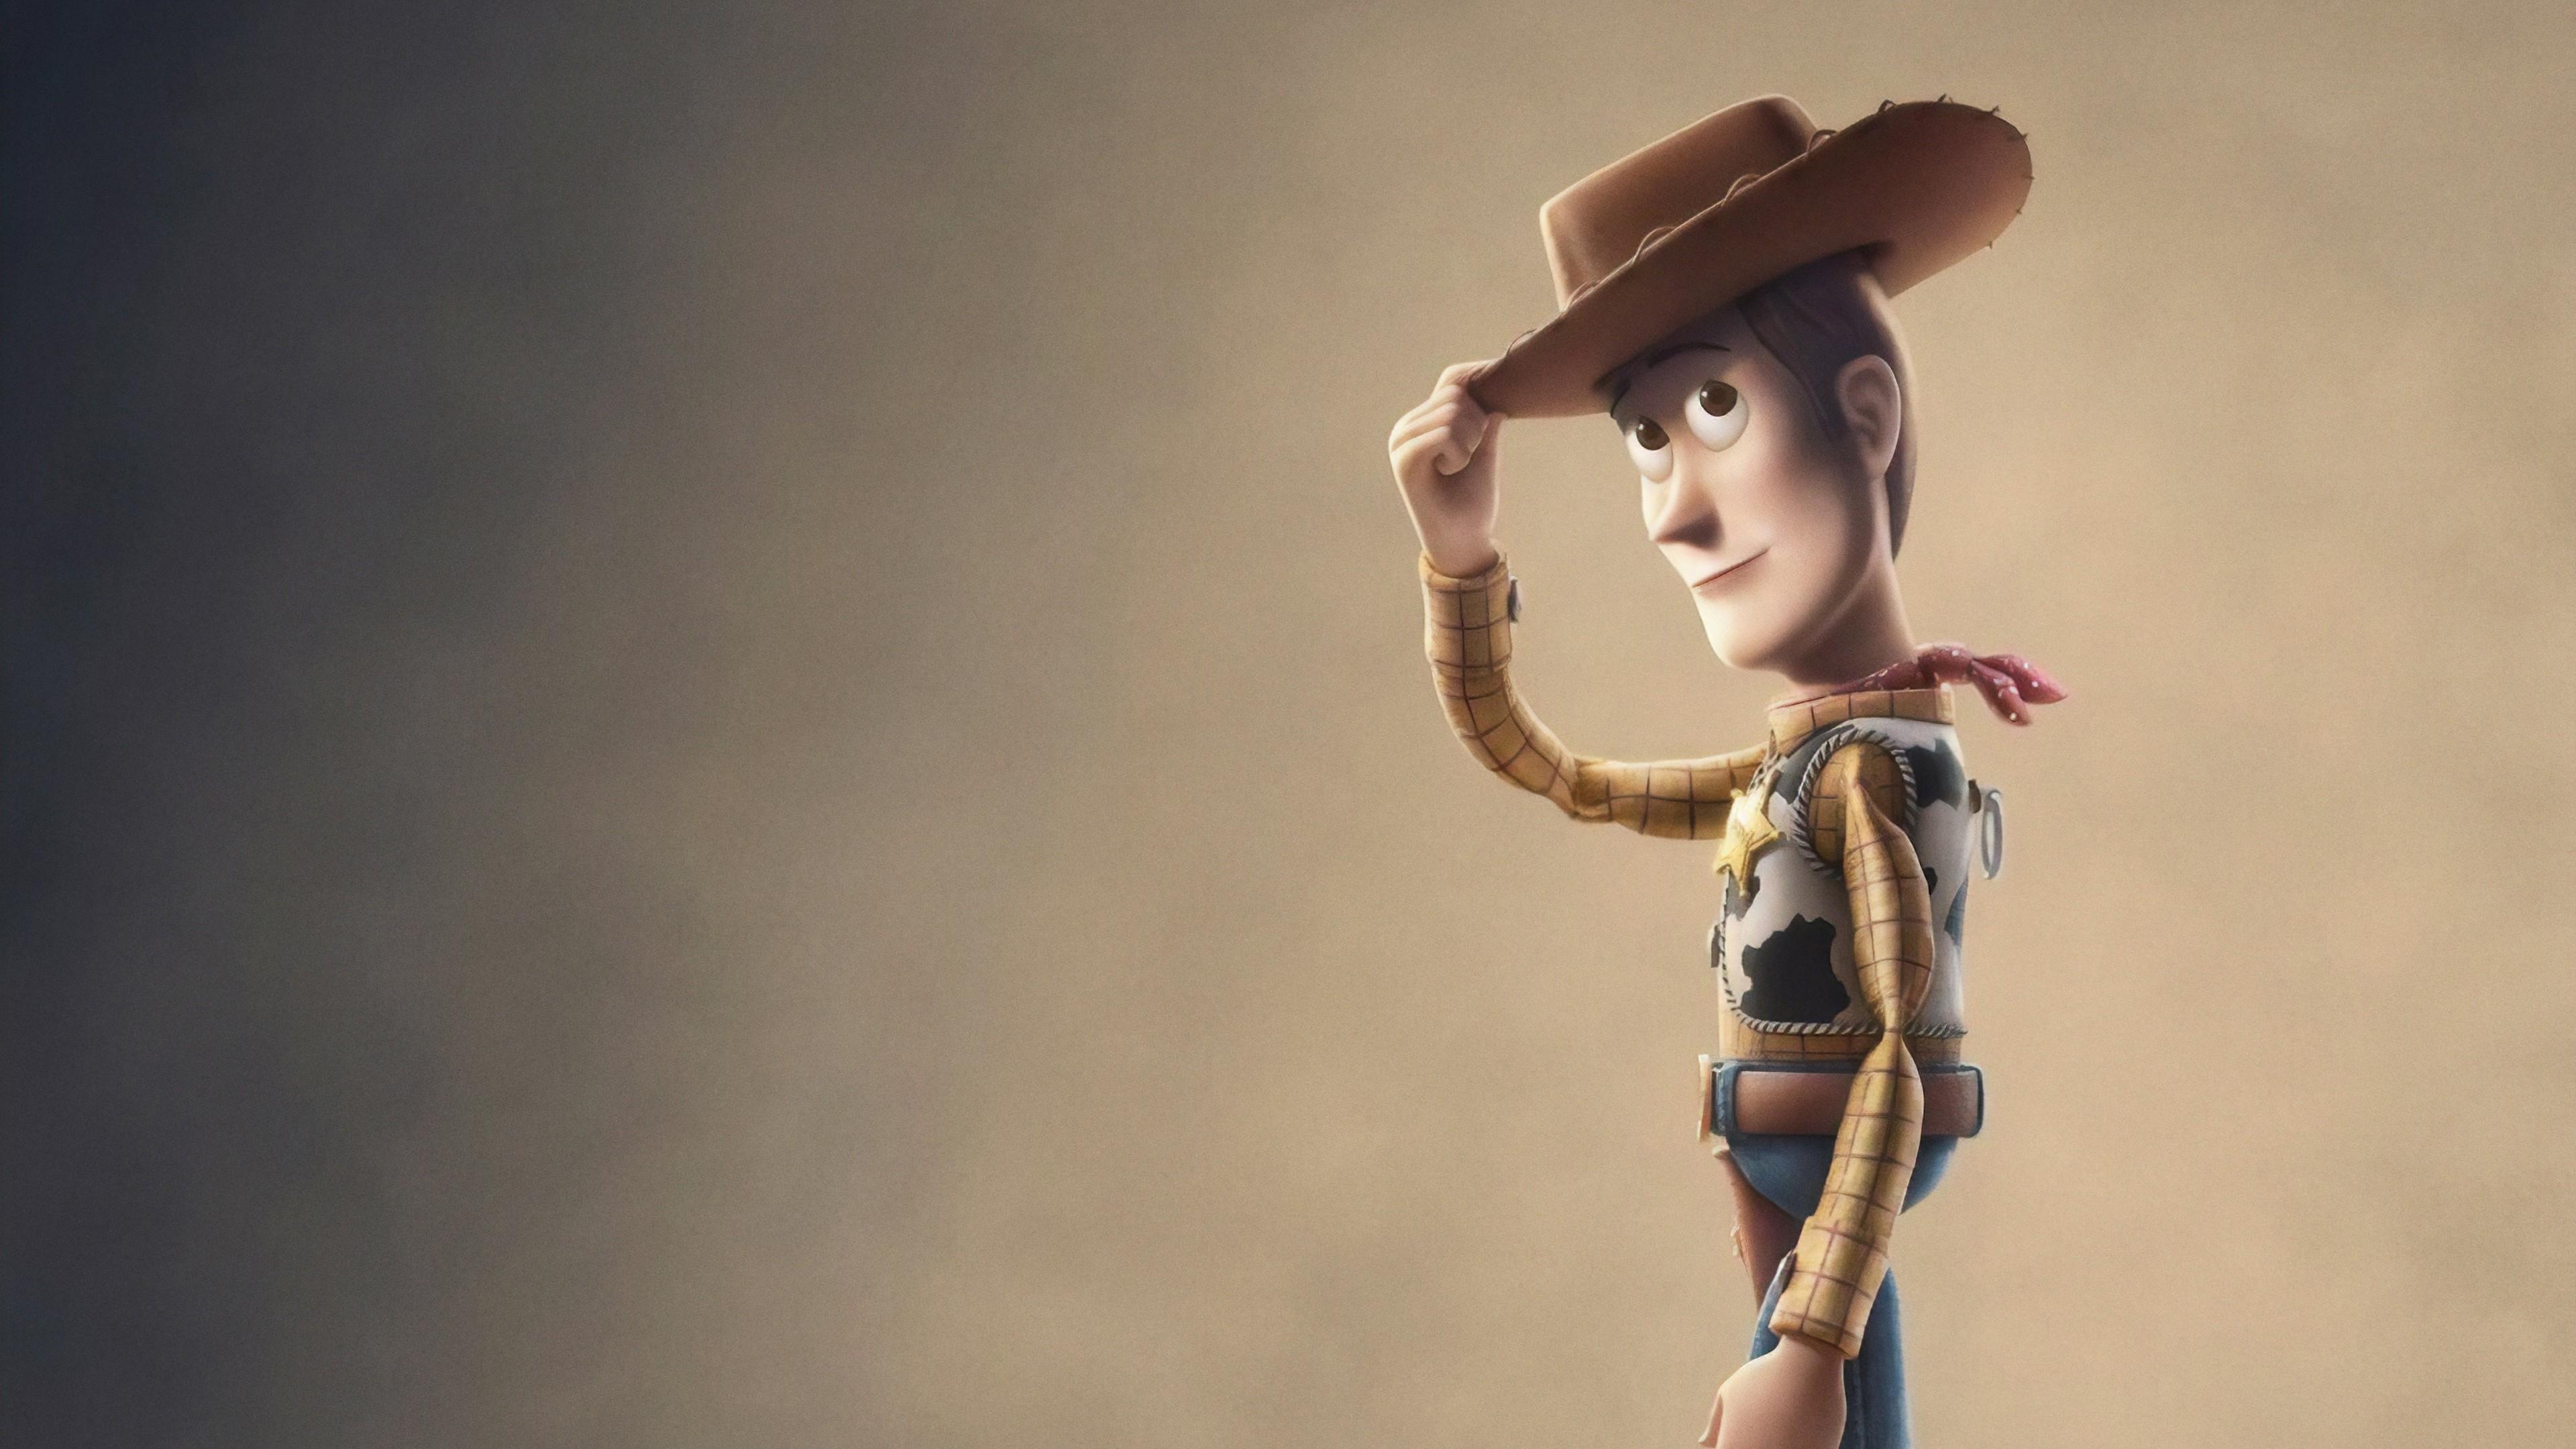 Howdy Im Sheriff Woody 4k Ultra Fond Décran Hd Arrière Plan